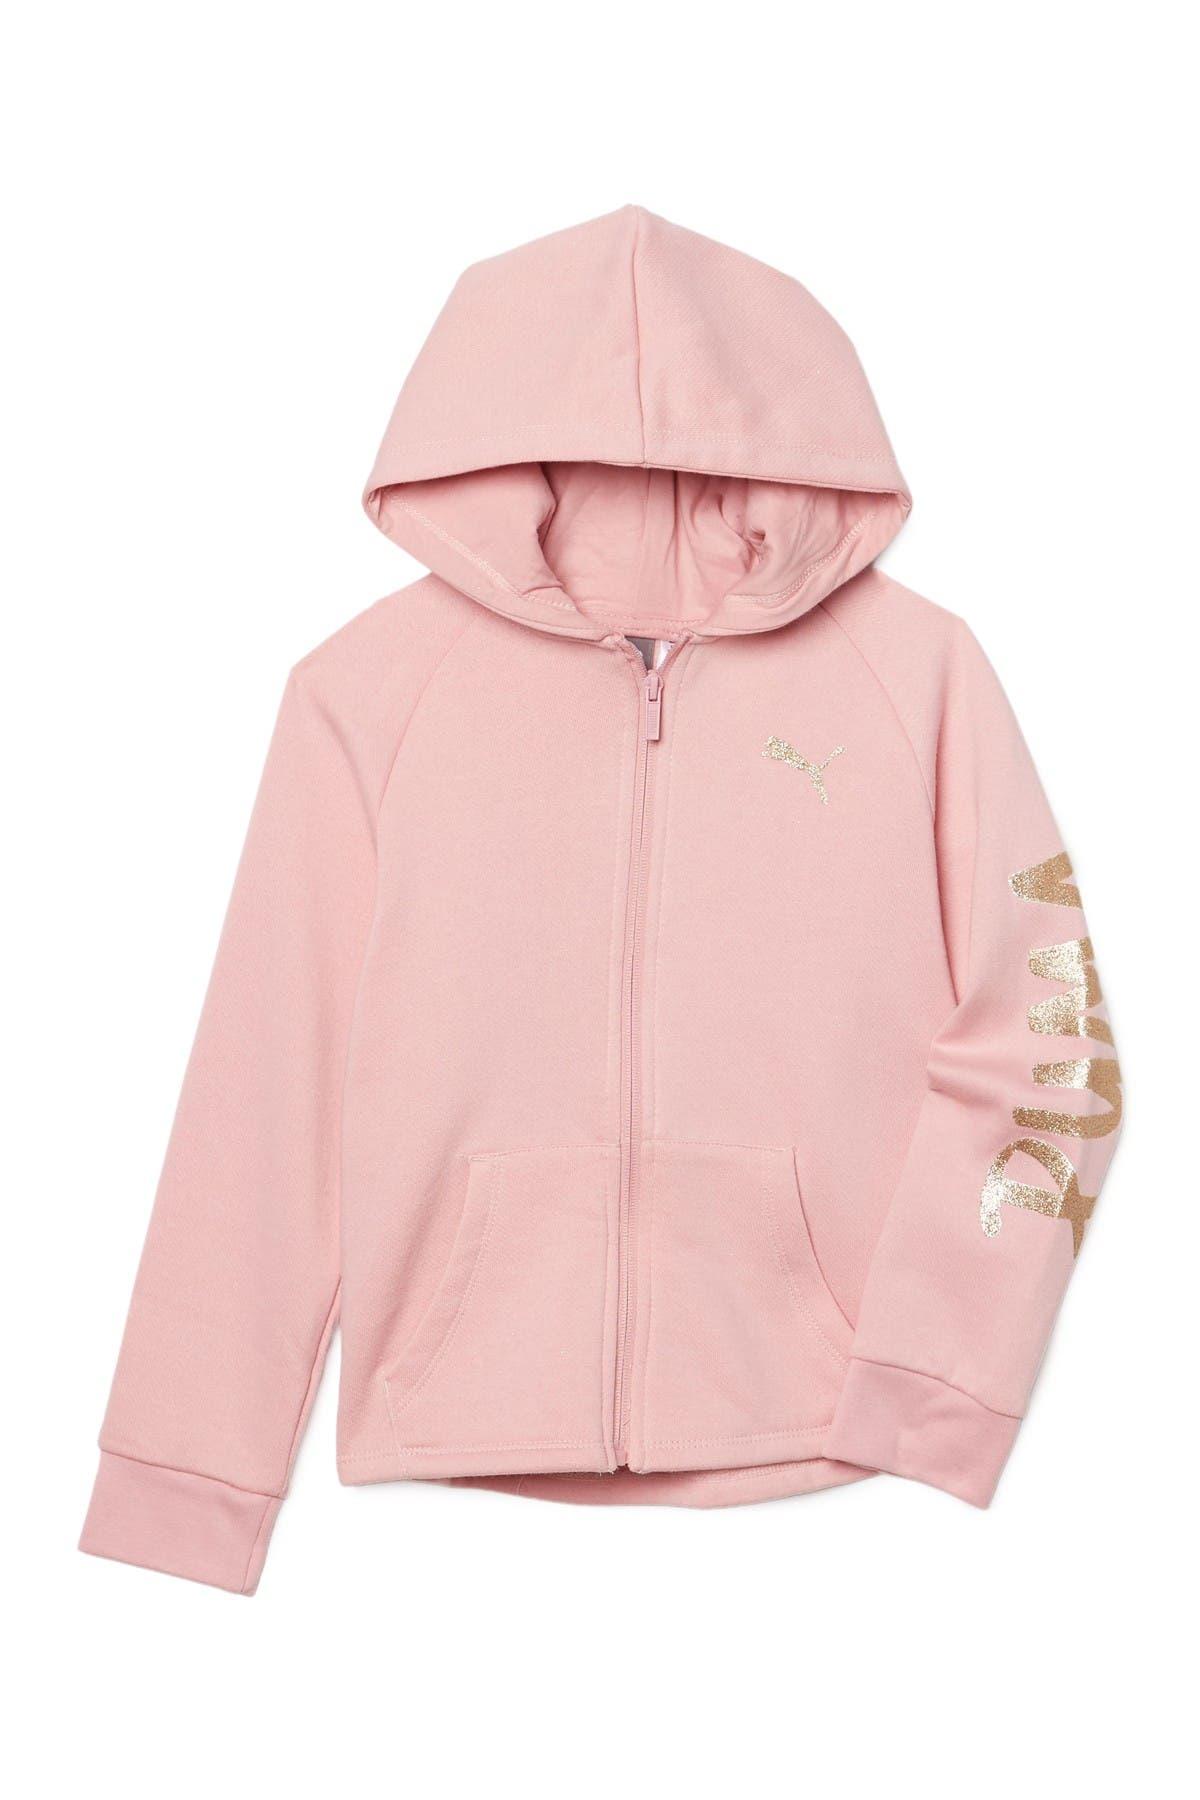 Image of PUMA Tag Pack Fleece Zip Up Hoodie